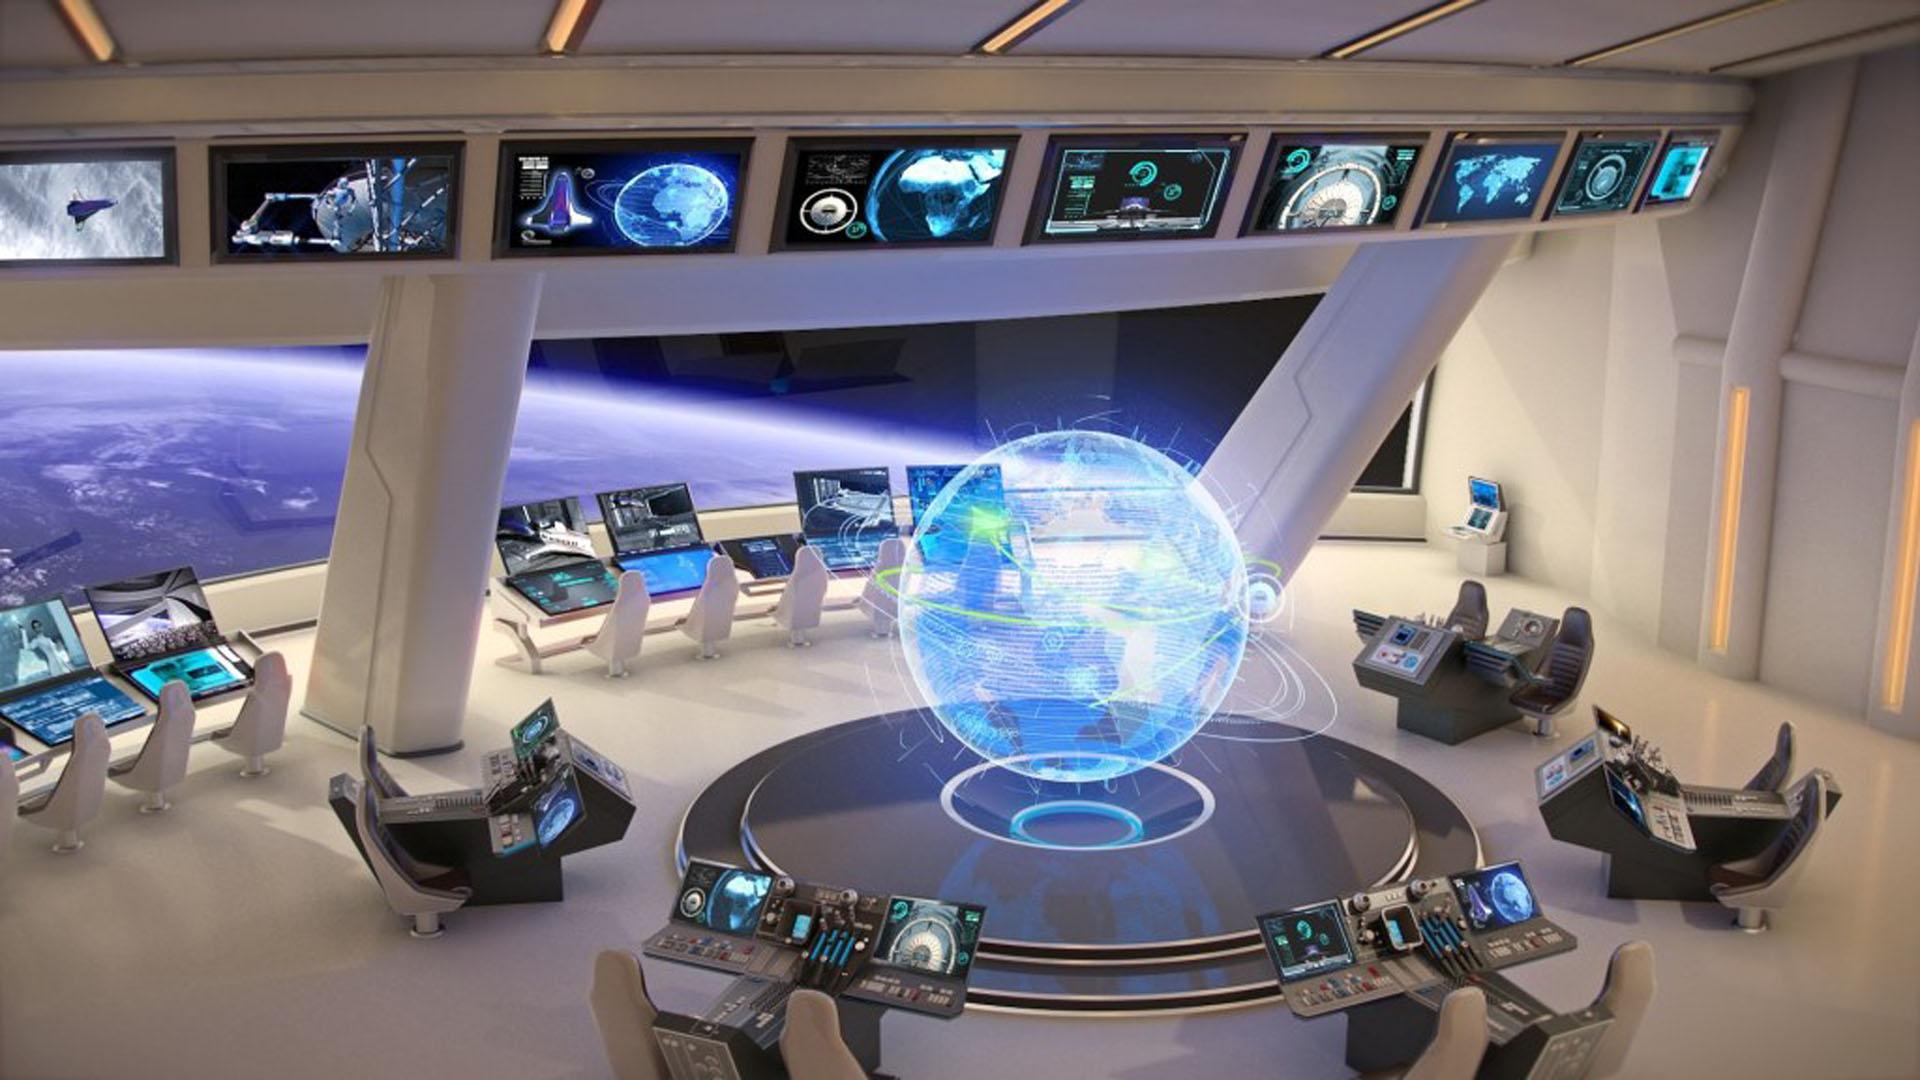 El primer hotel espacial del mundo abrirá sus puertas en 2025 - Infobae